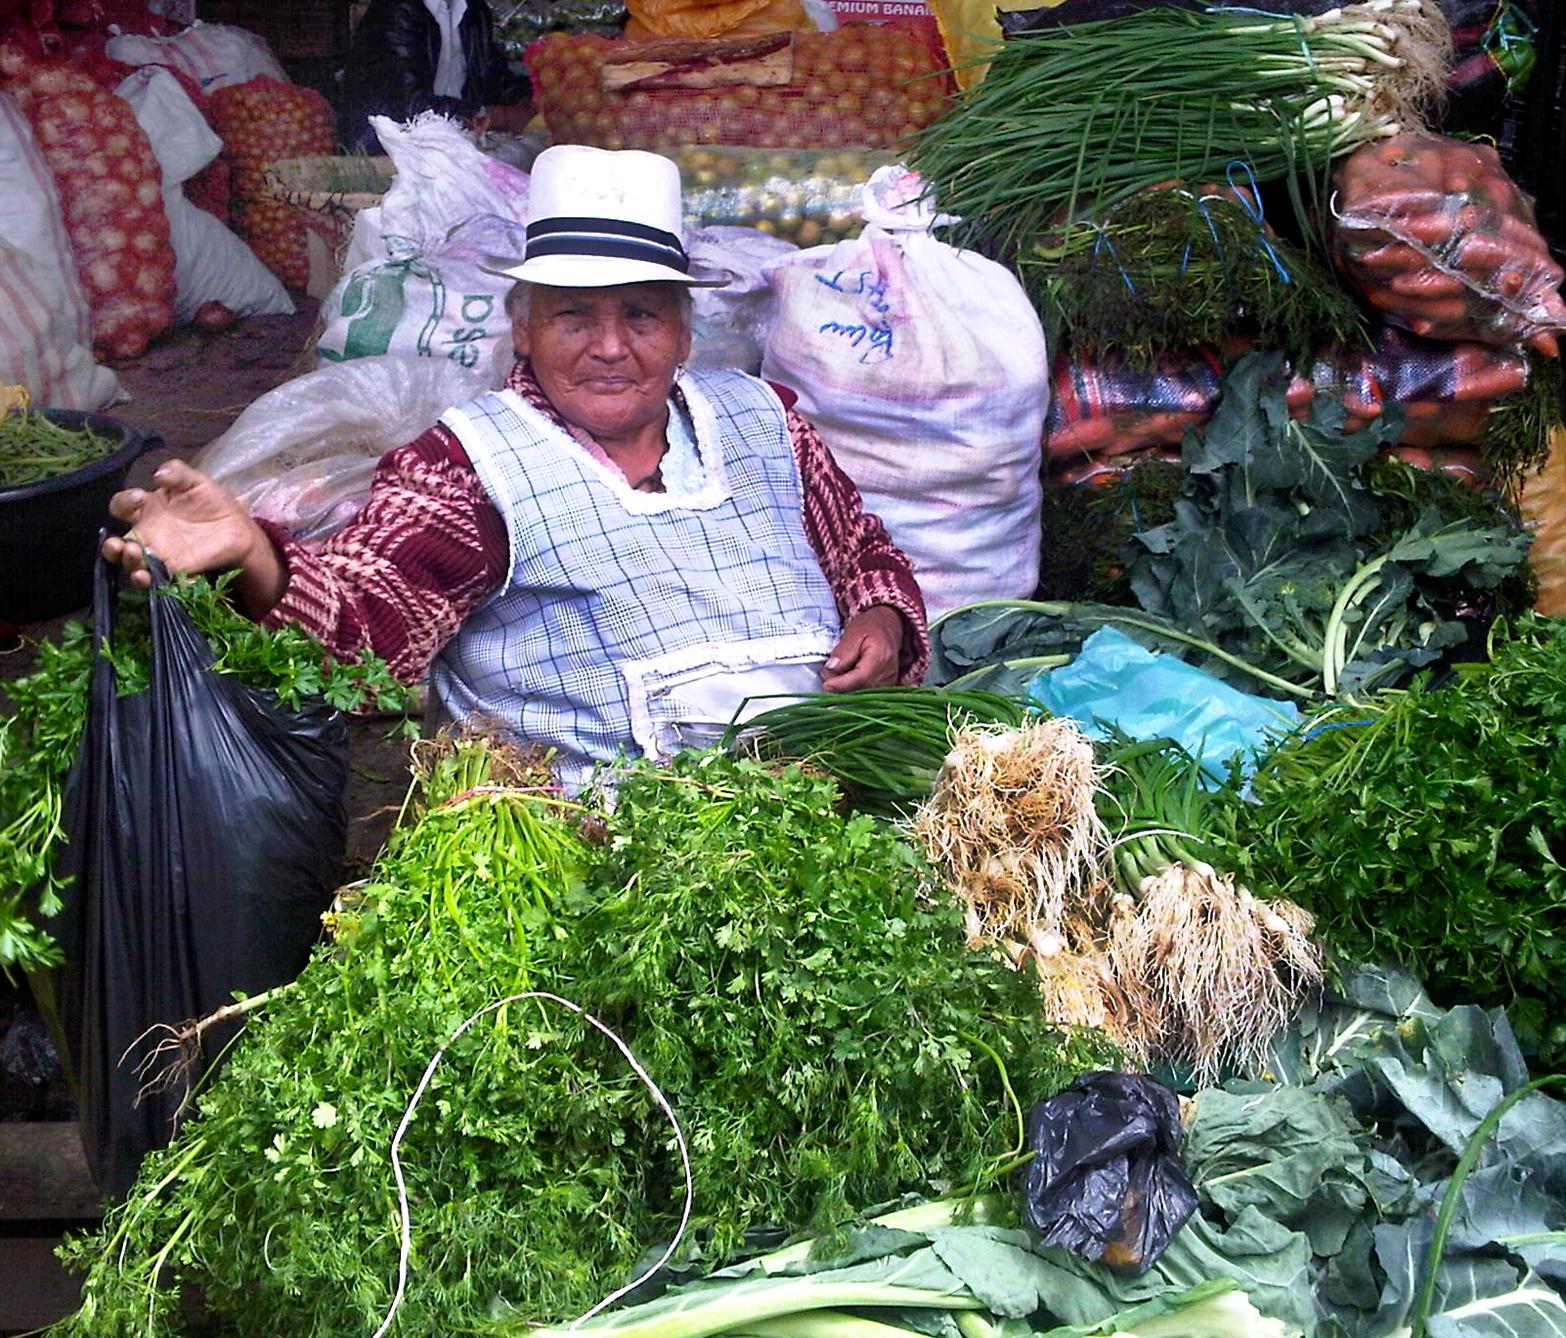 herb vendor, Cuenca